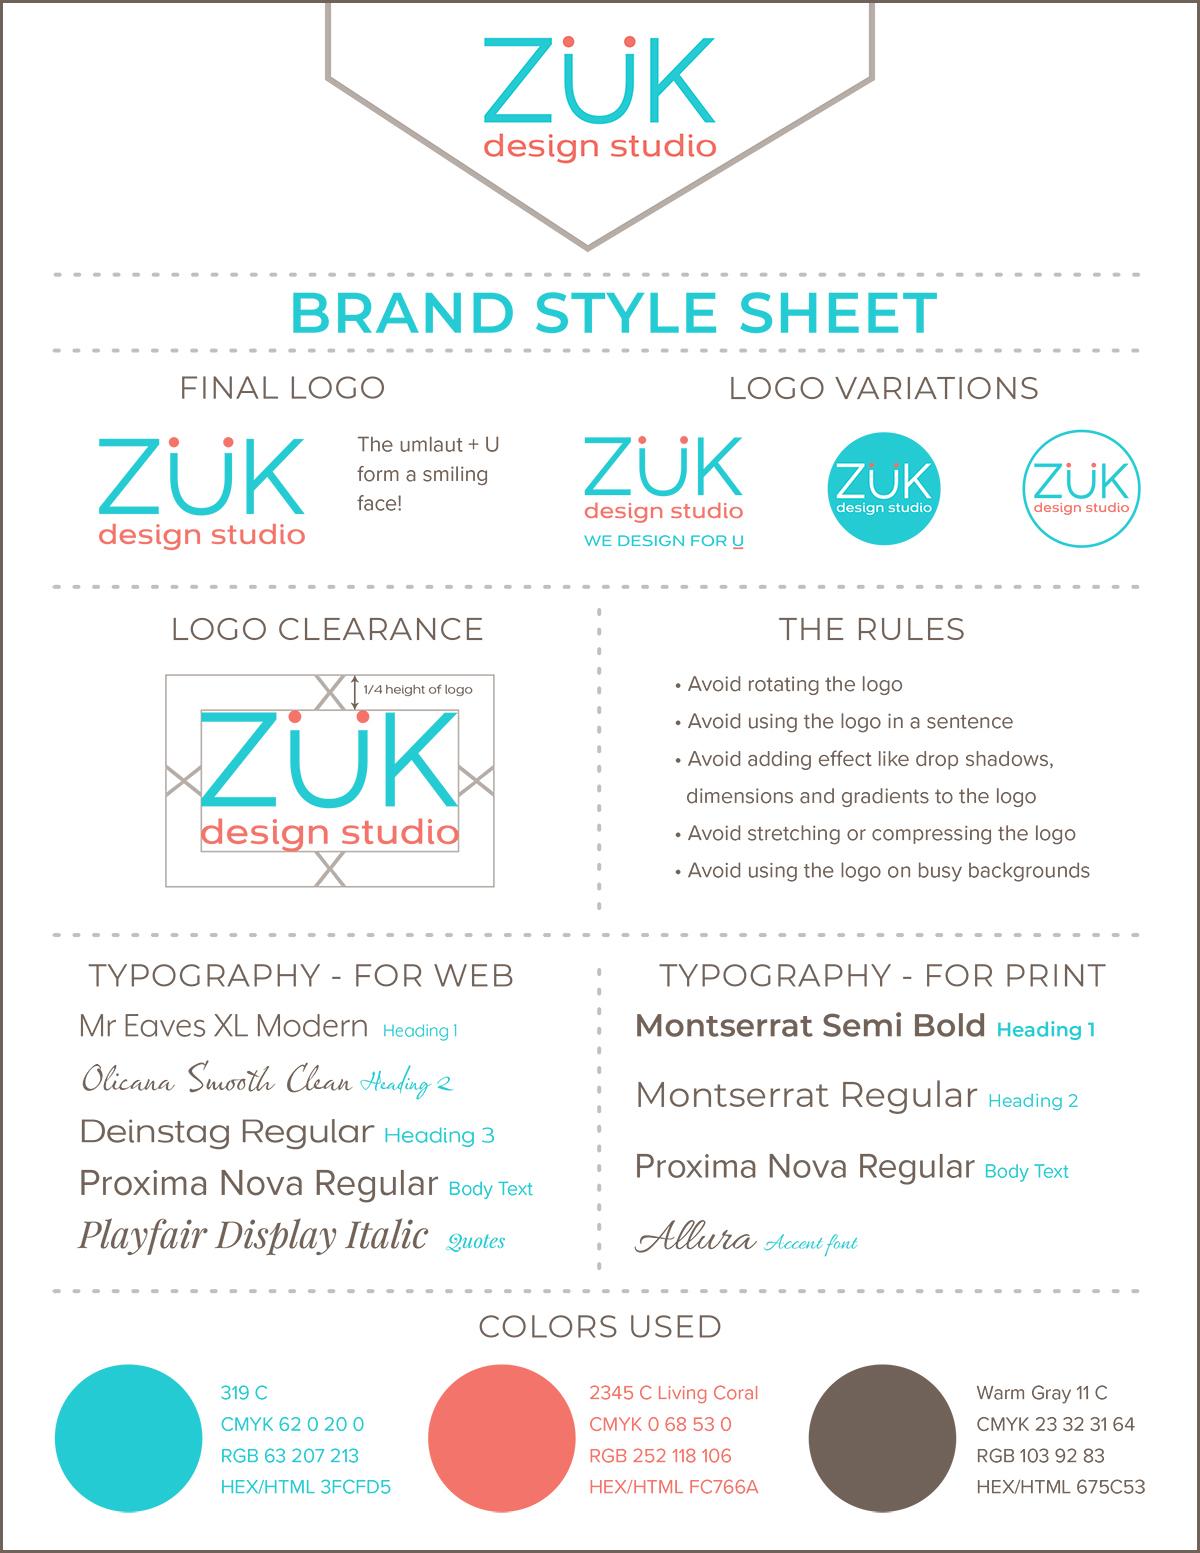 BrandStyleSheet-Zuk.jpg